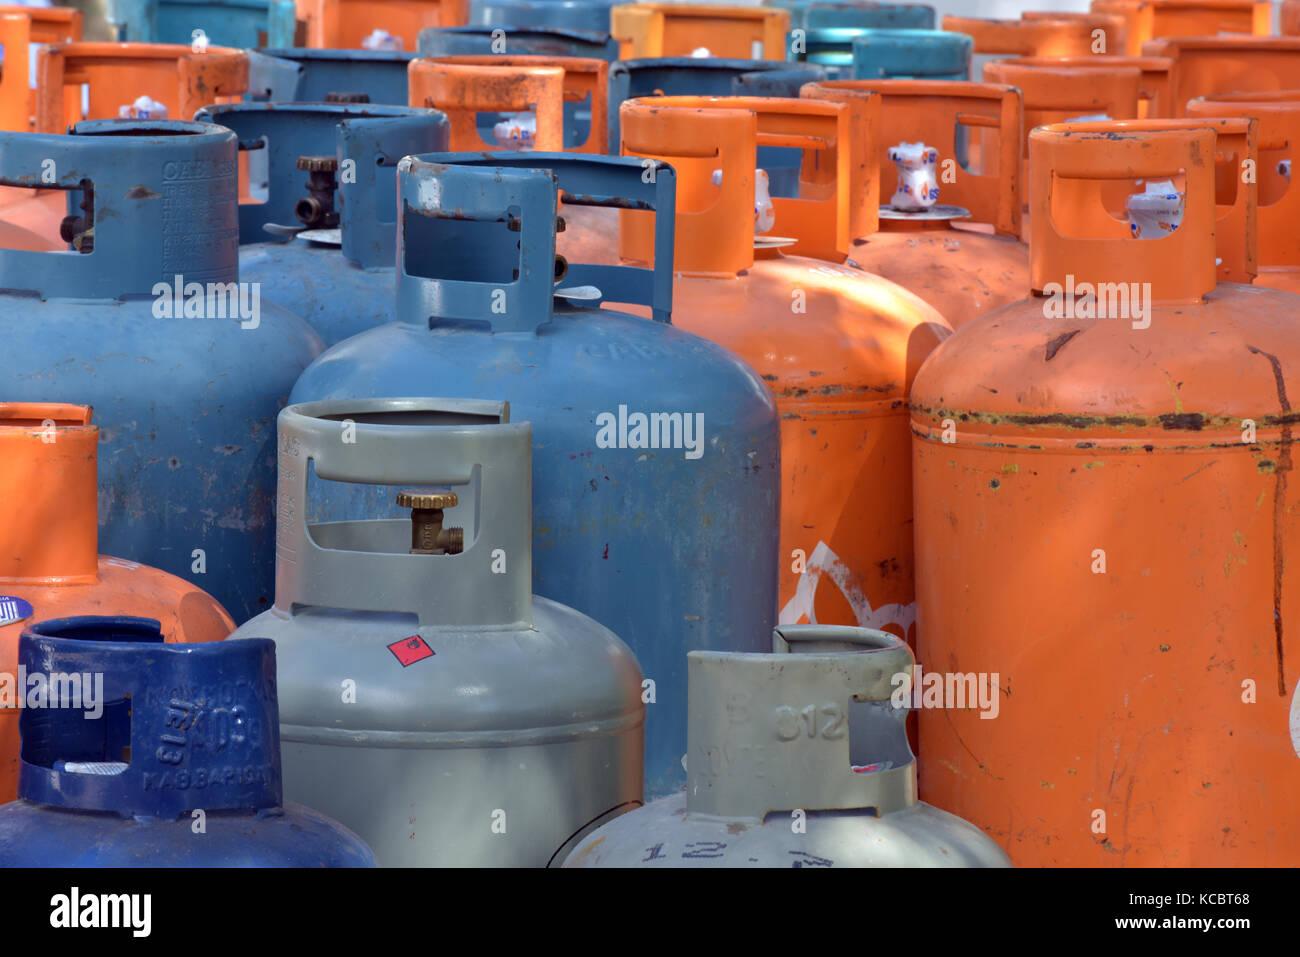 Le Gaz Butane tout camping les bouteilles de gaz à l'arrière d'un camion ou d'empilés